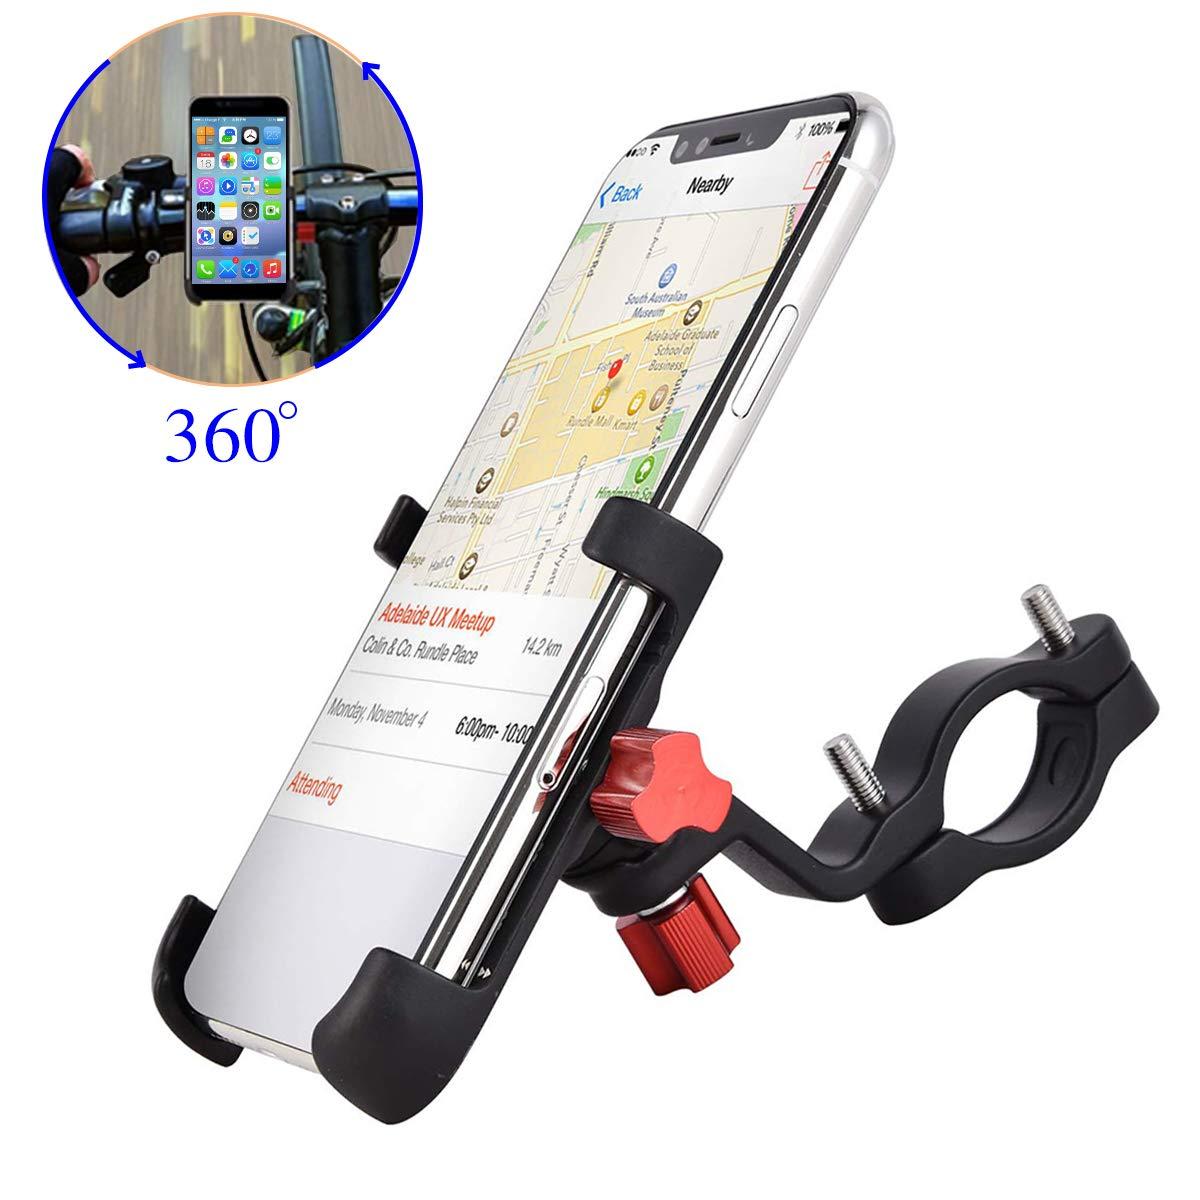 ENONEO Soporte Movil Bicicleta Montaña 360 Rotación Soporte Telefono Moto Universal Aleación de Aluminio Soporte Bici Movil para iPhone X XS MAX Samsung Huawei (Anchura 2.16-3.74